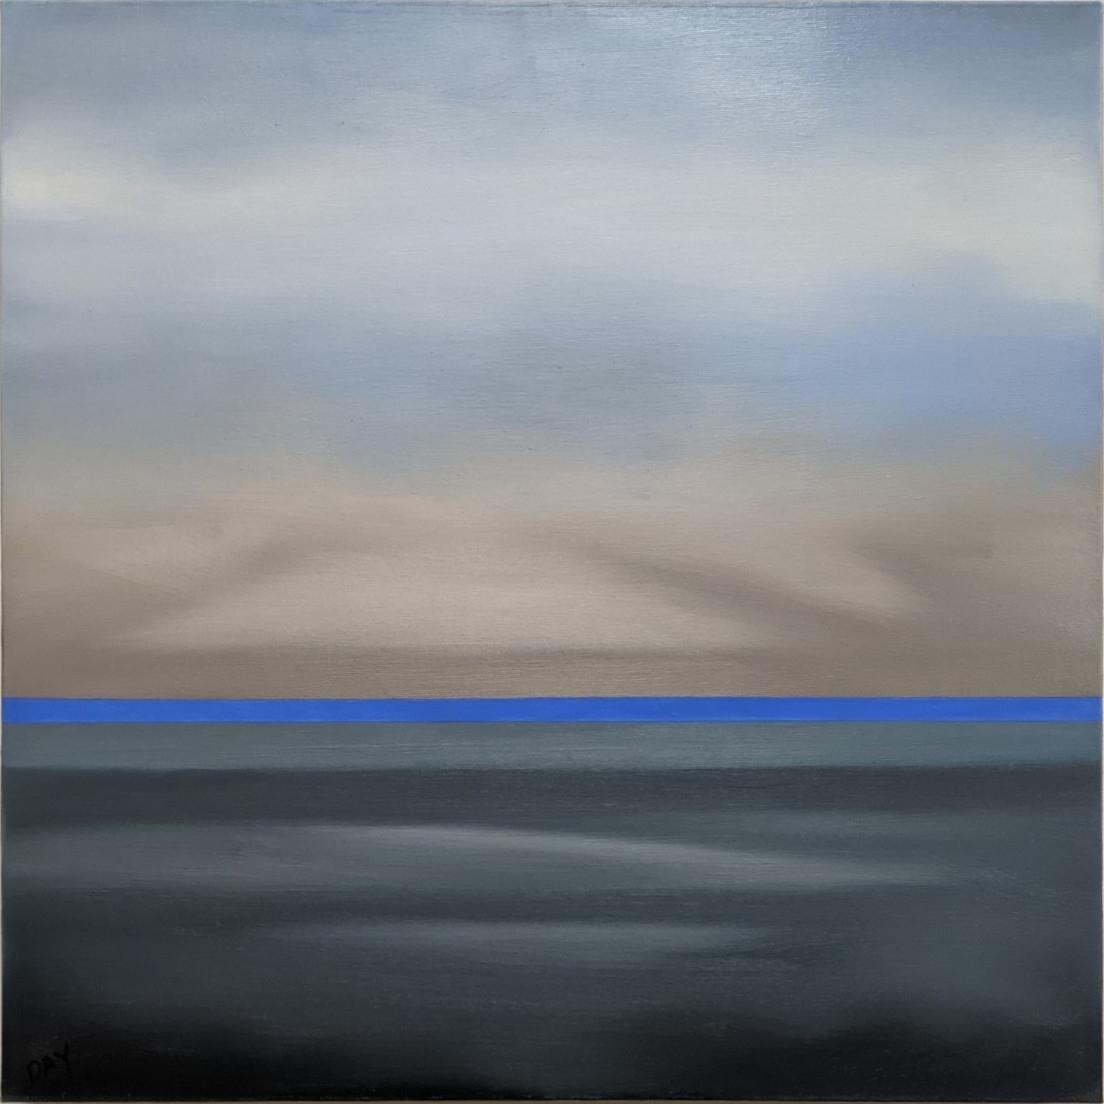 Blueline by Melanie Day